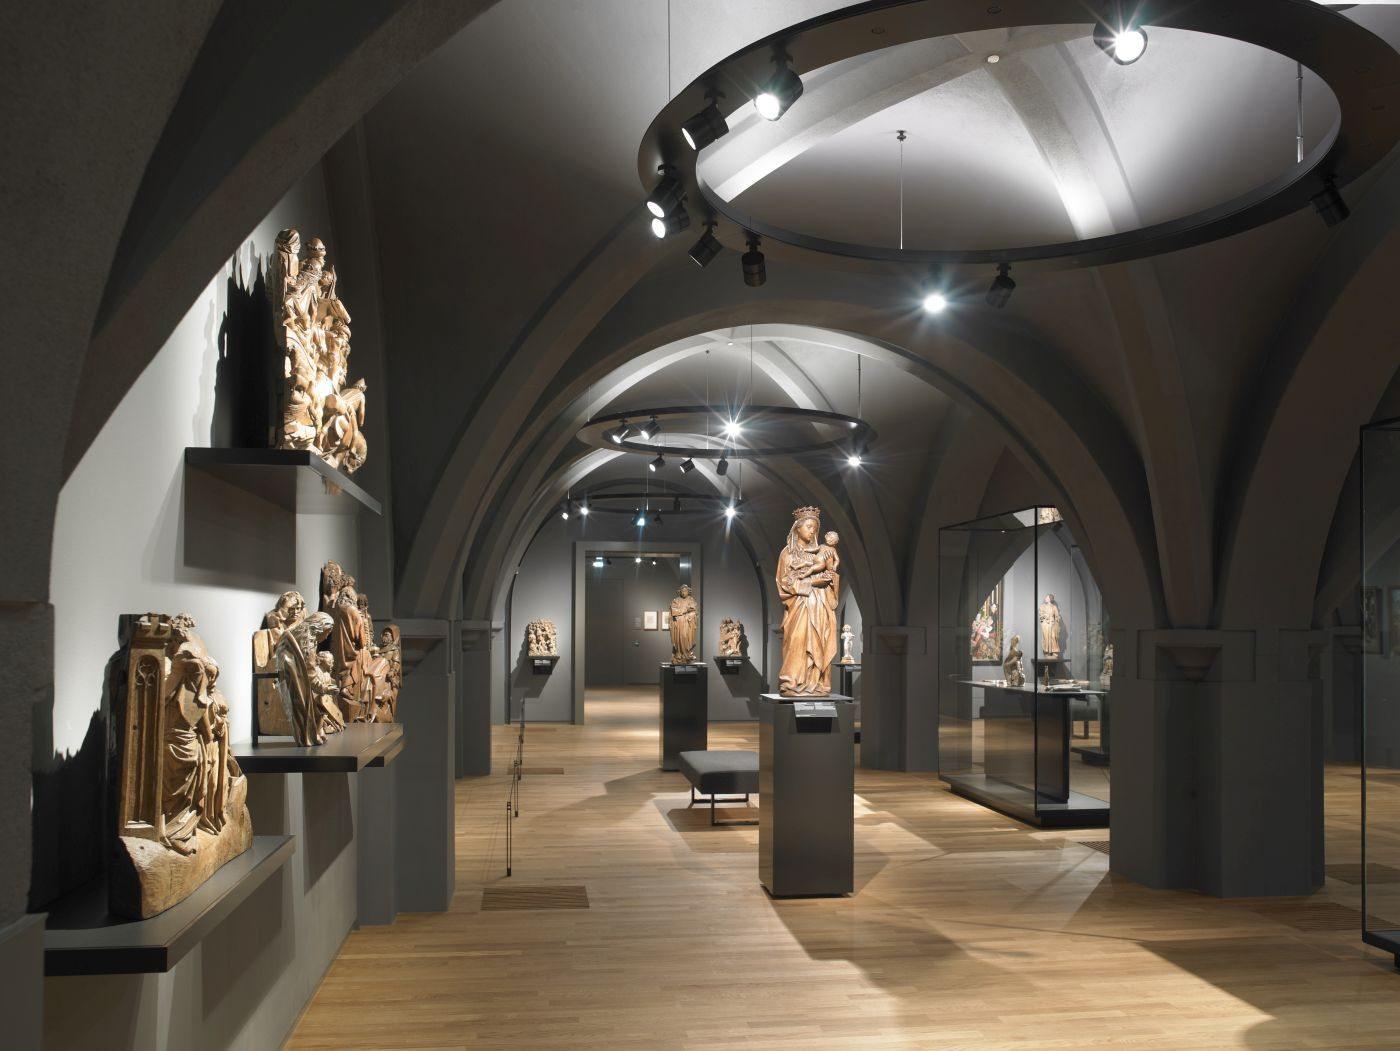 13 апреля 2013 года королева Нидерландов Беатрикс открыла новый художественный музей «Рейксмузеум» в Амстердаме